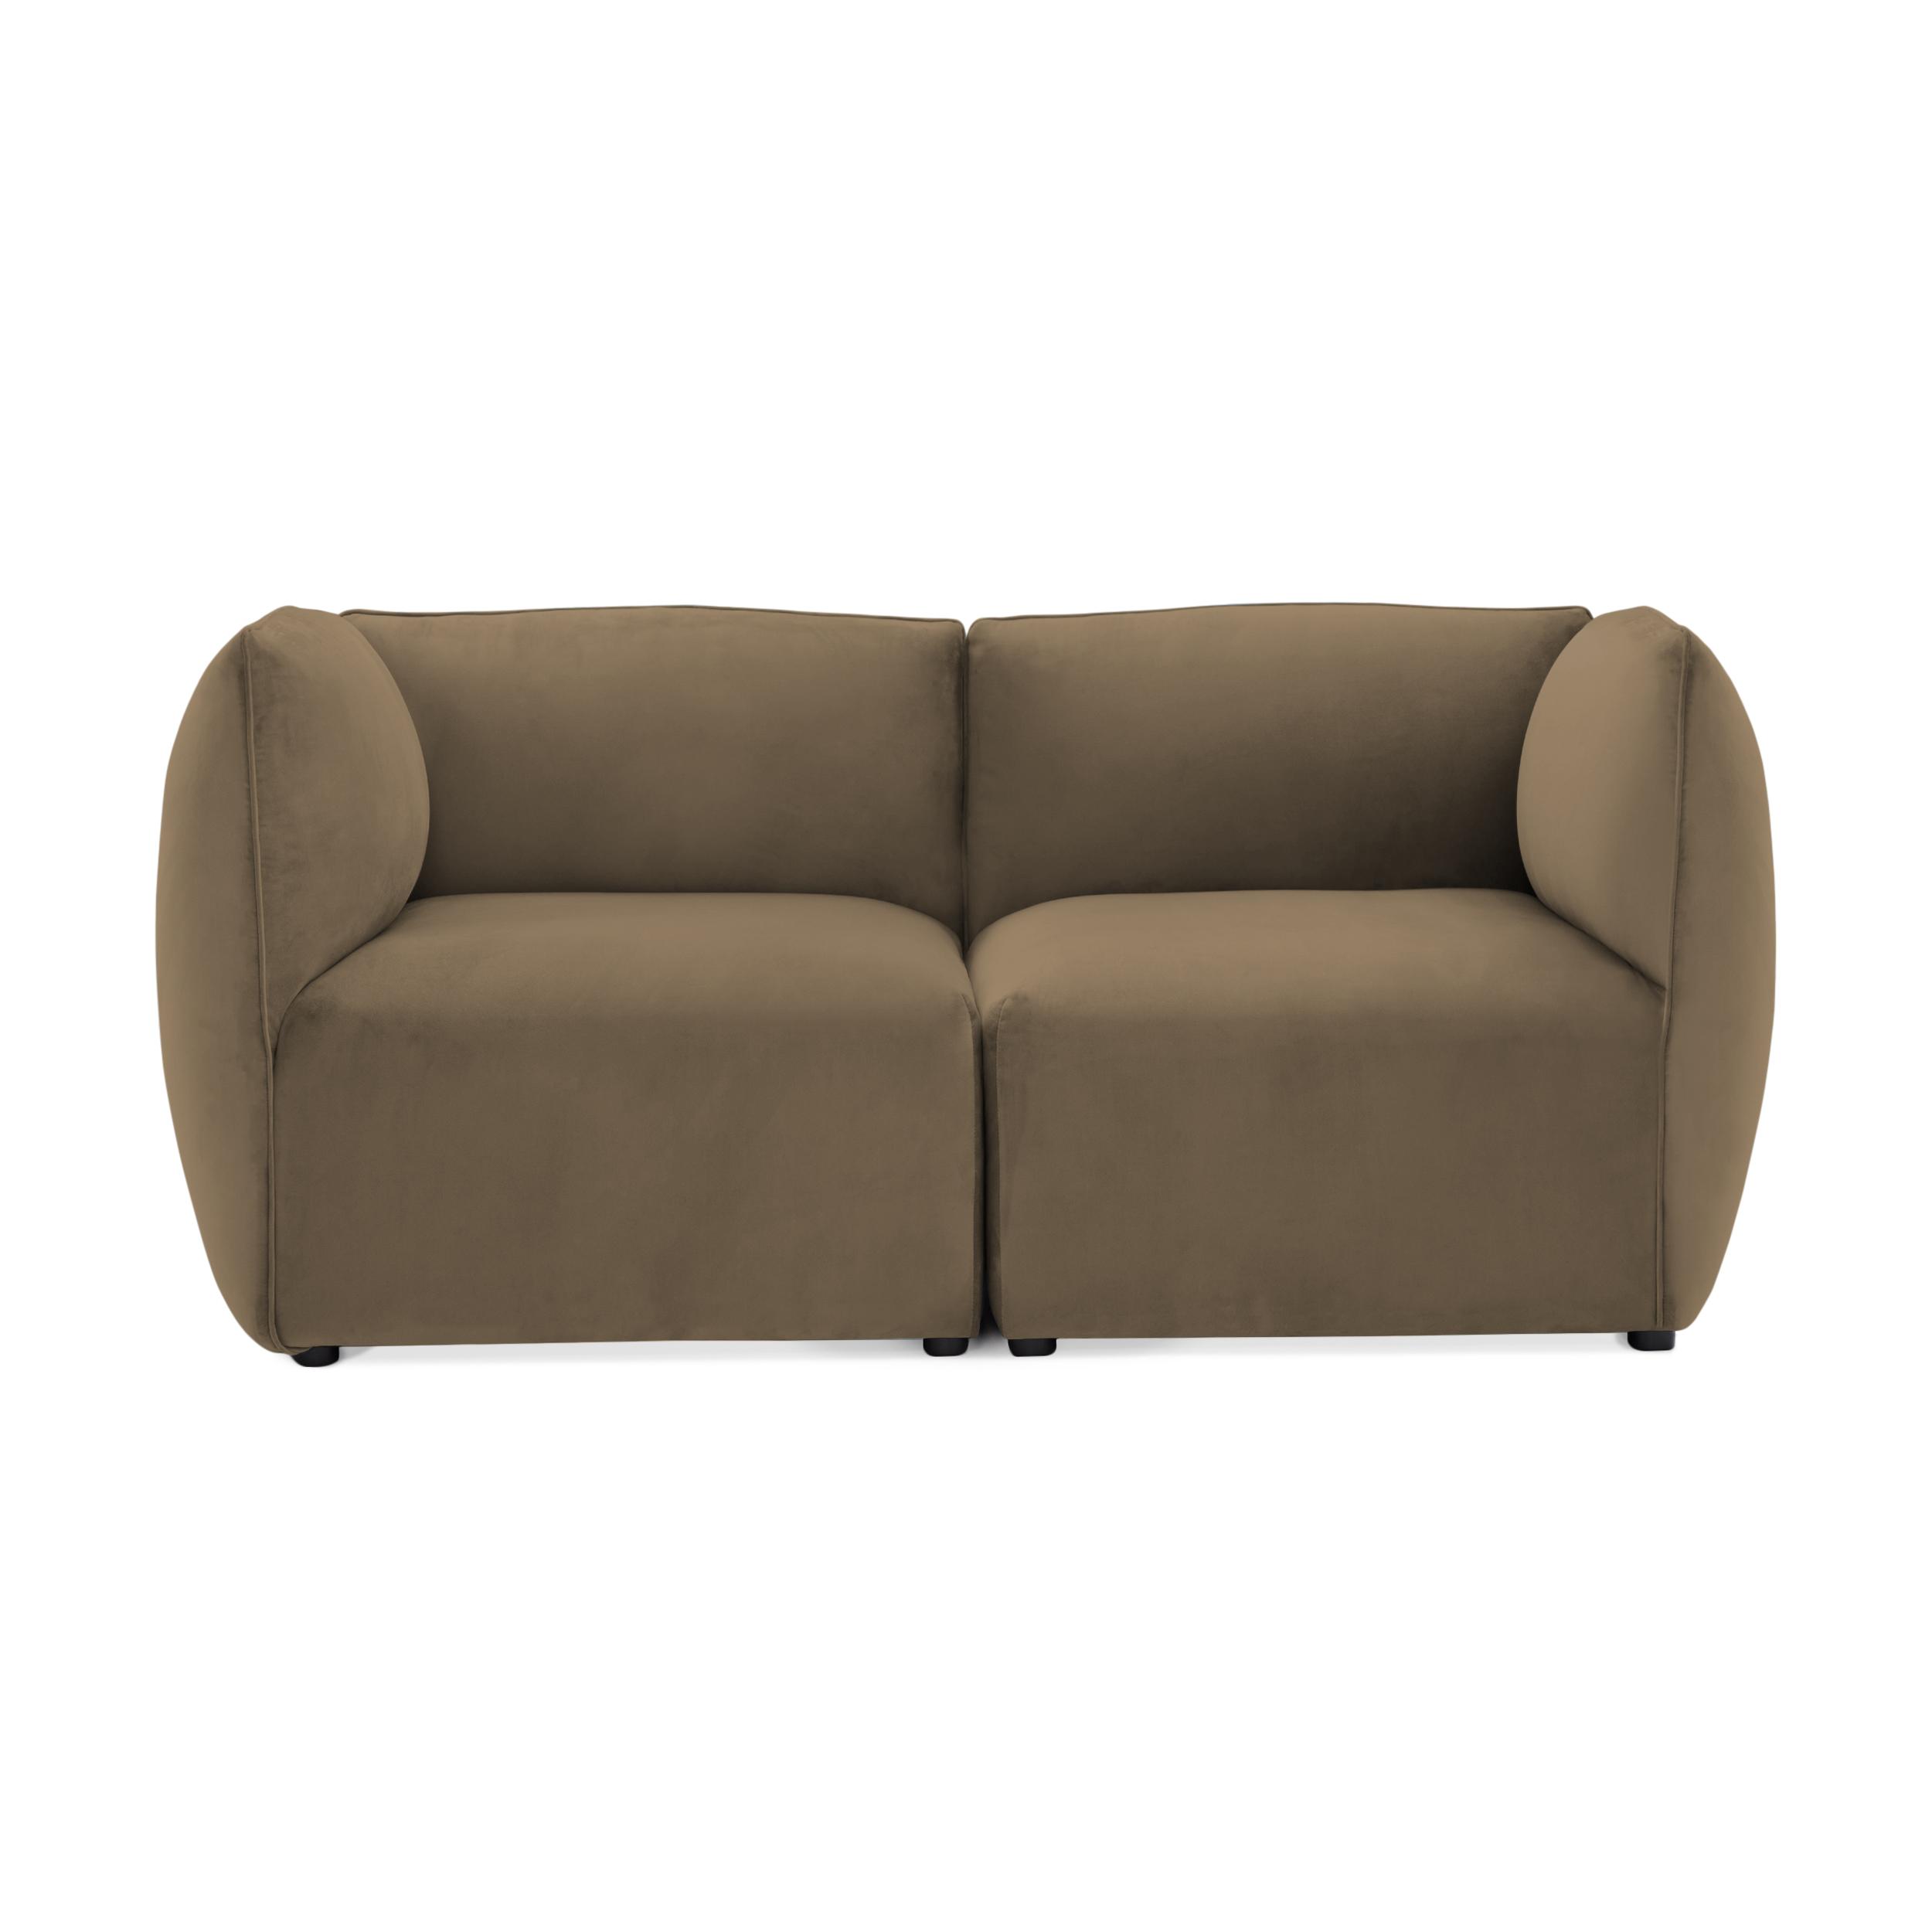 Canapea 2 locuri Cube Taupe